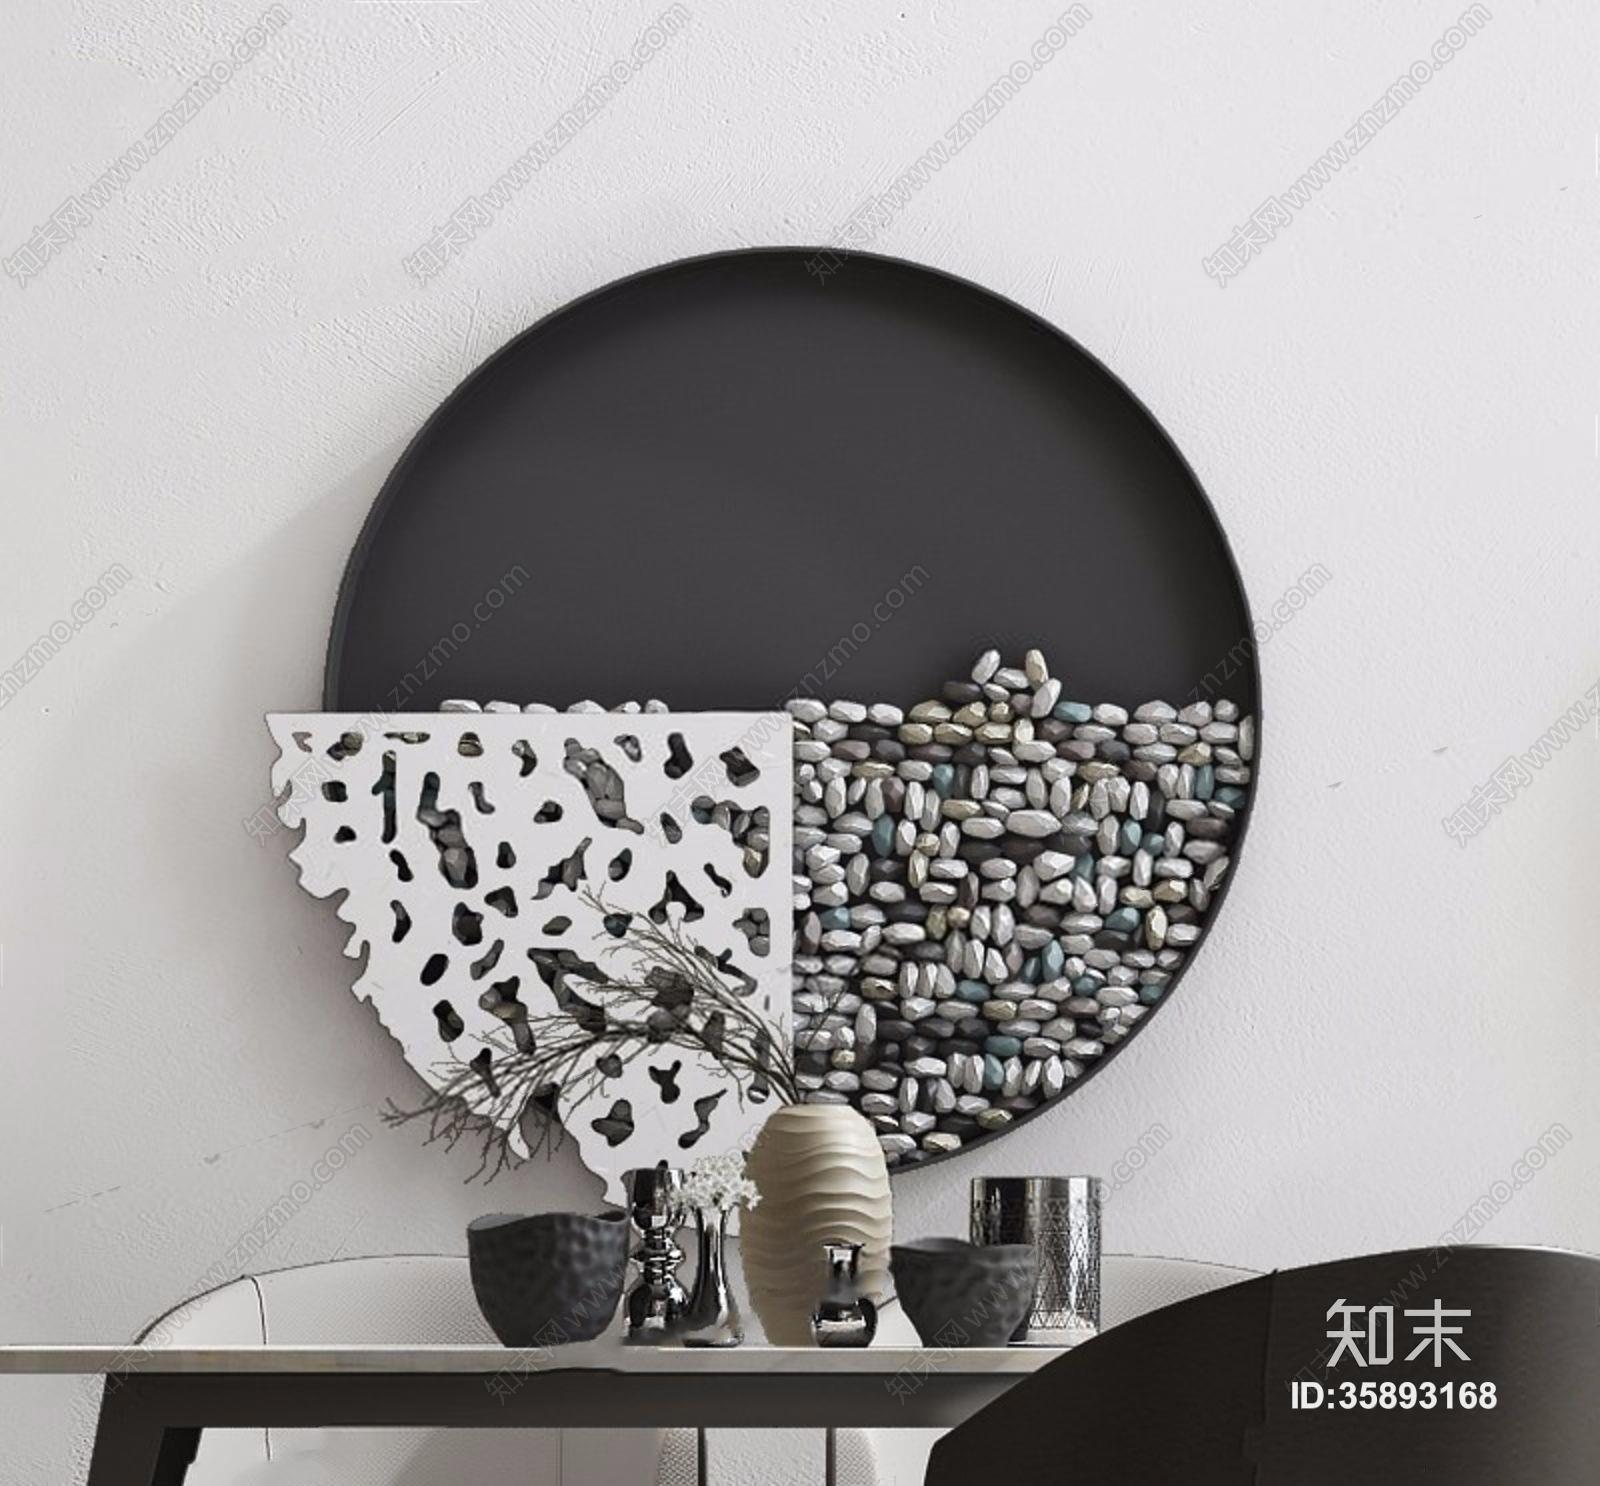 现代桌椅墙饰组合 现代桌椅 餐桌 餐椅 单椅 墙饰 壁灯 瓷器 摆件